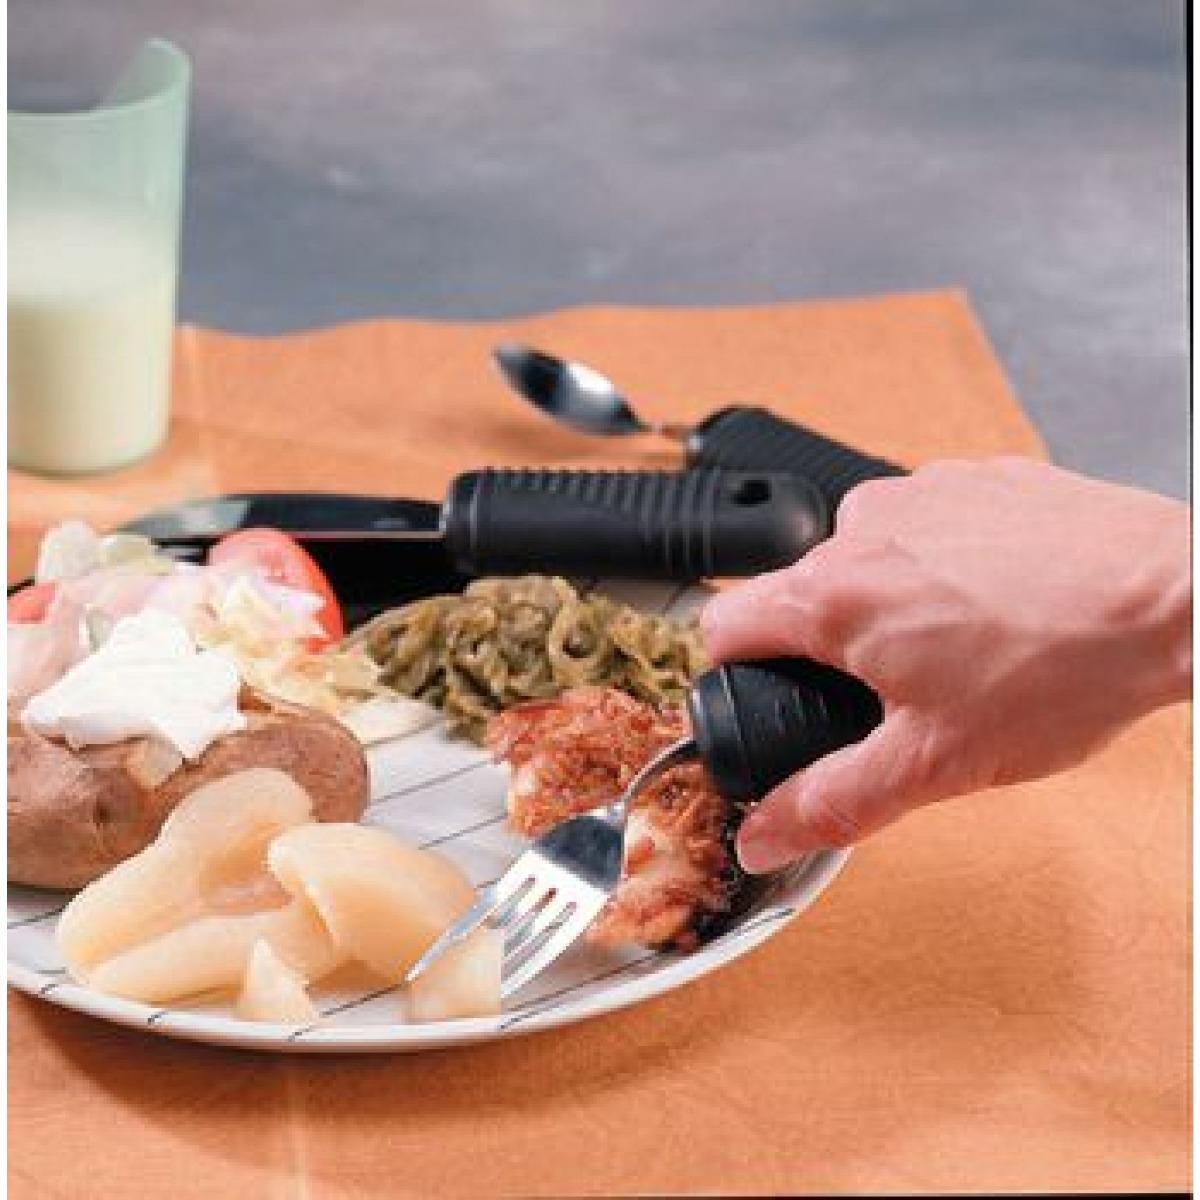 bendable utensils